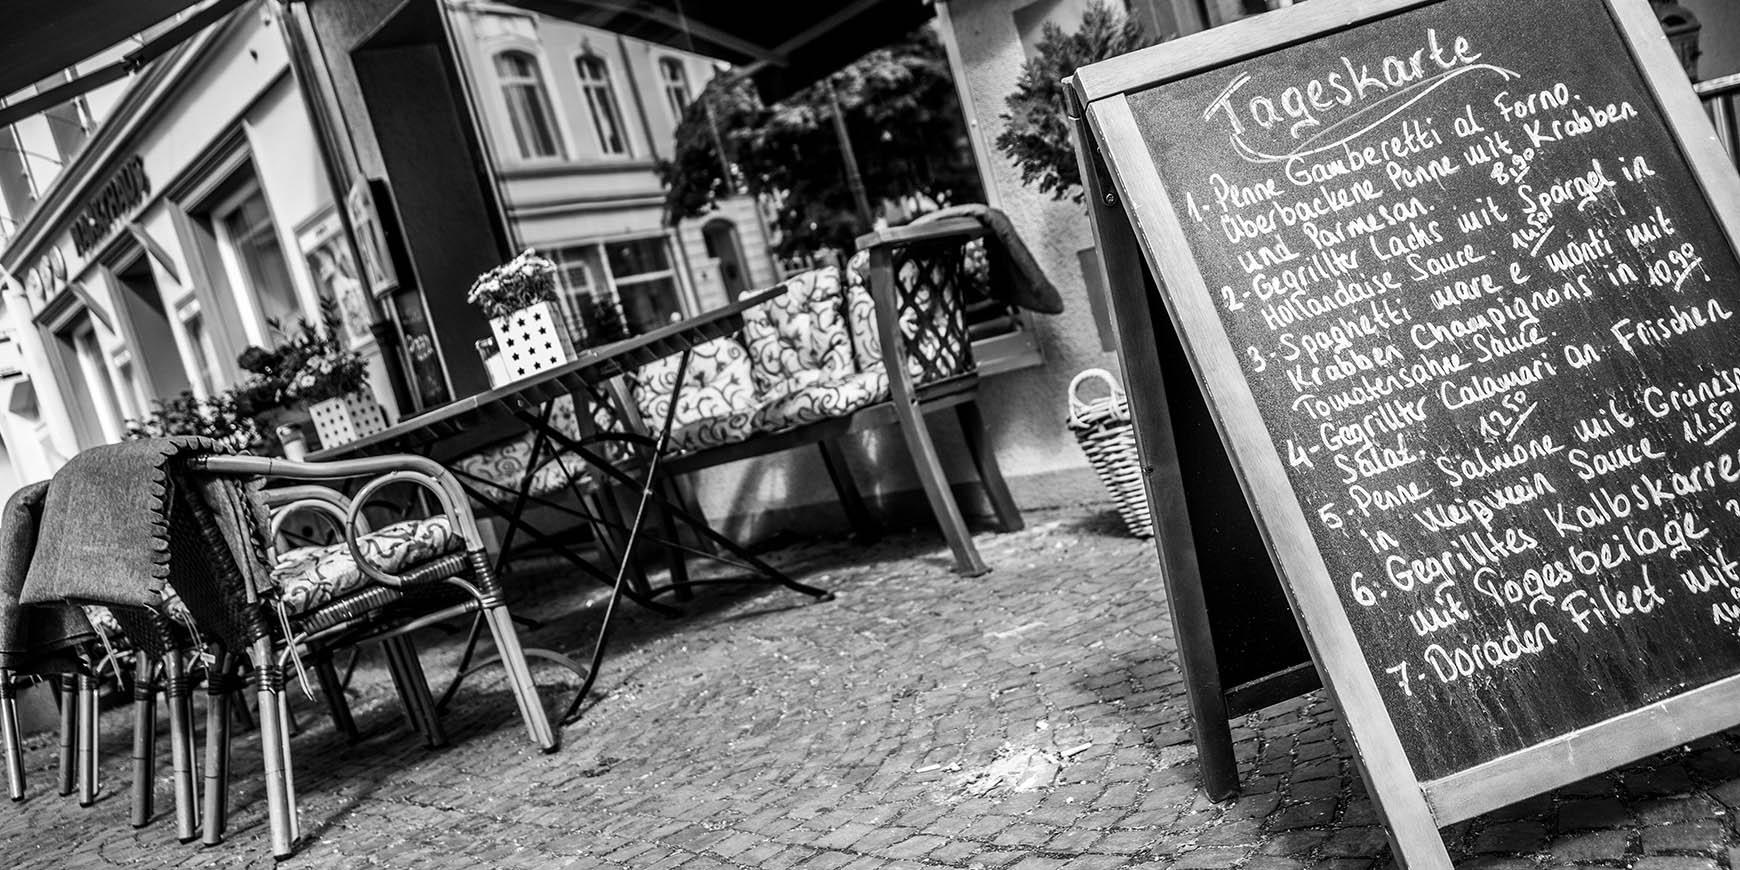 markt-8-acht-restaurant-hilden-marktplatz-altermarkt-speisen-gastronomie-mittagstisch5bd30a58f31a7